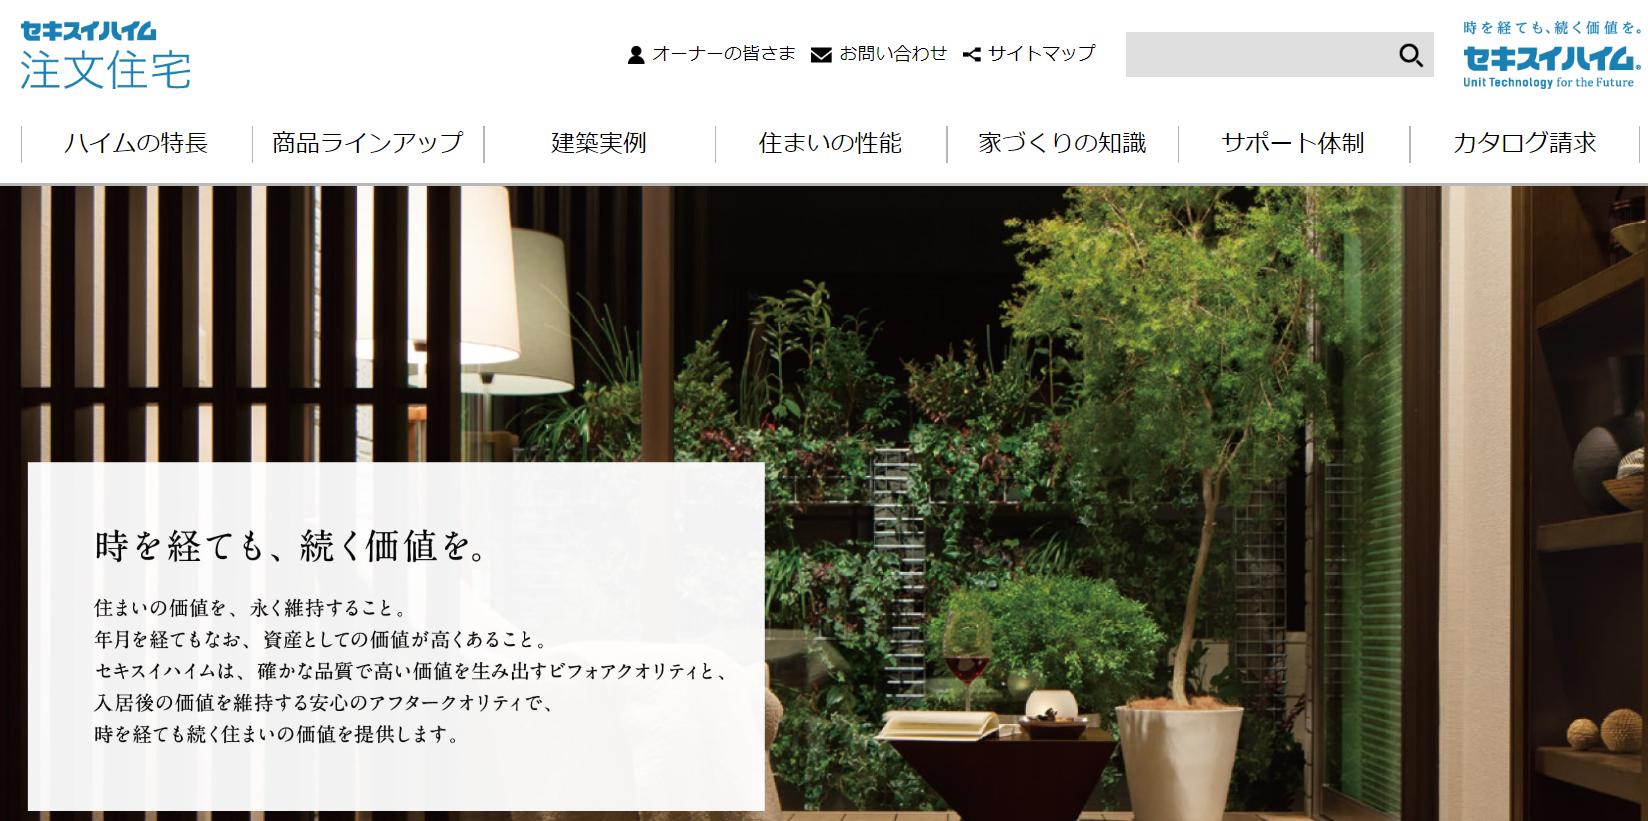 セキスイハイムの評判・口コミ【岡山/30代男性】